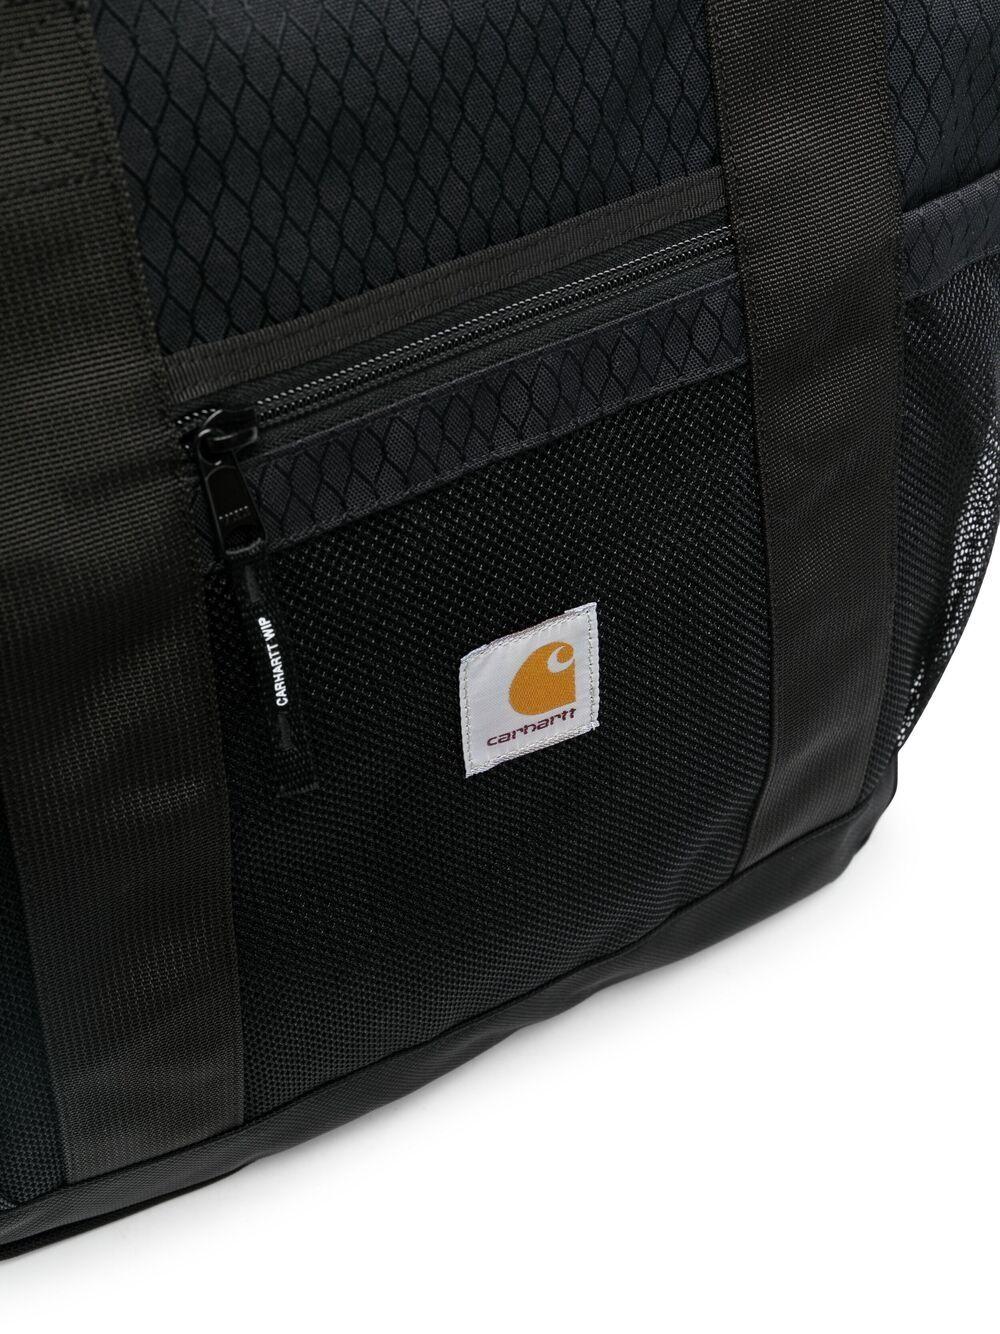 Carhartt borsa tote con patch logo unisex nero CARHARTT | Borse | I02888889.00